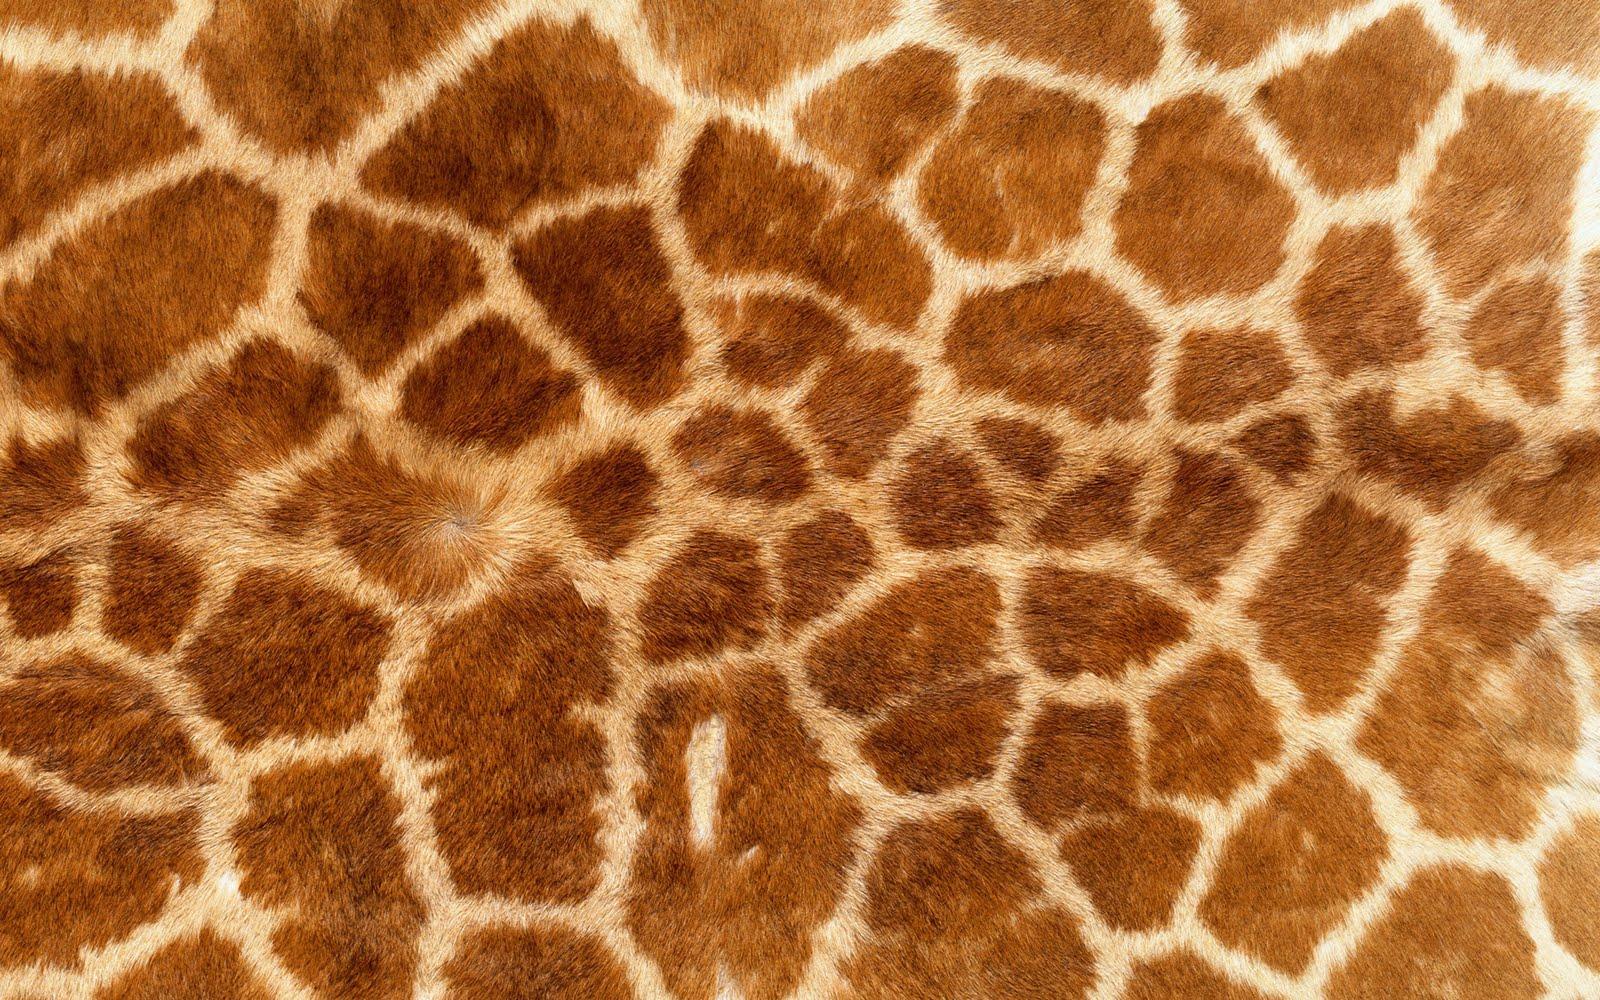 animal skin patterns - photo #8